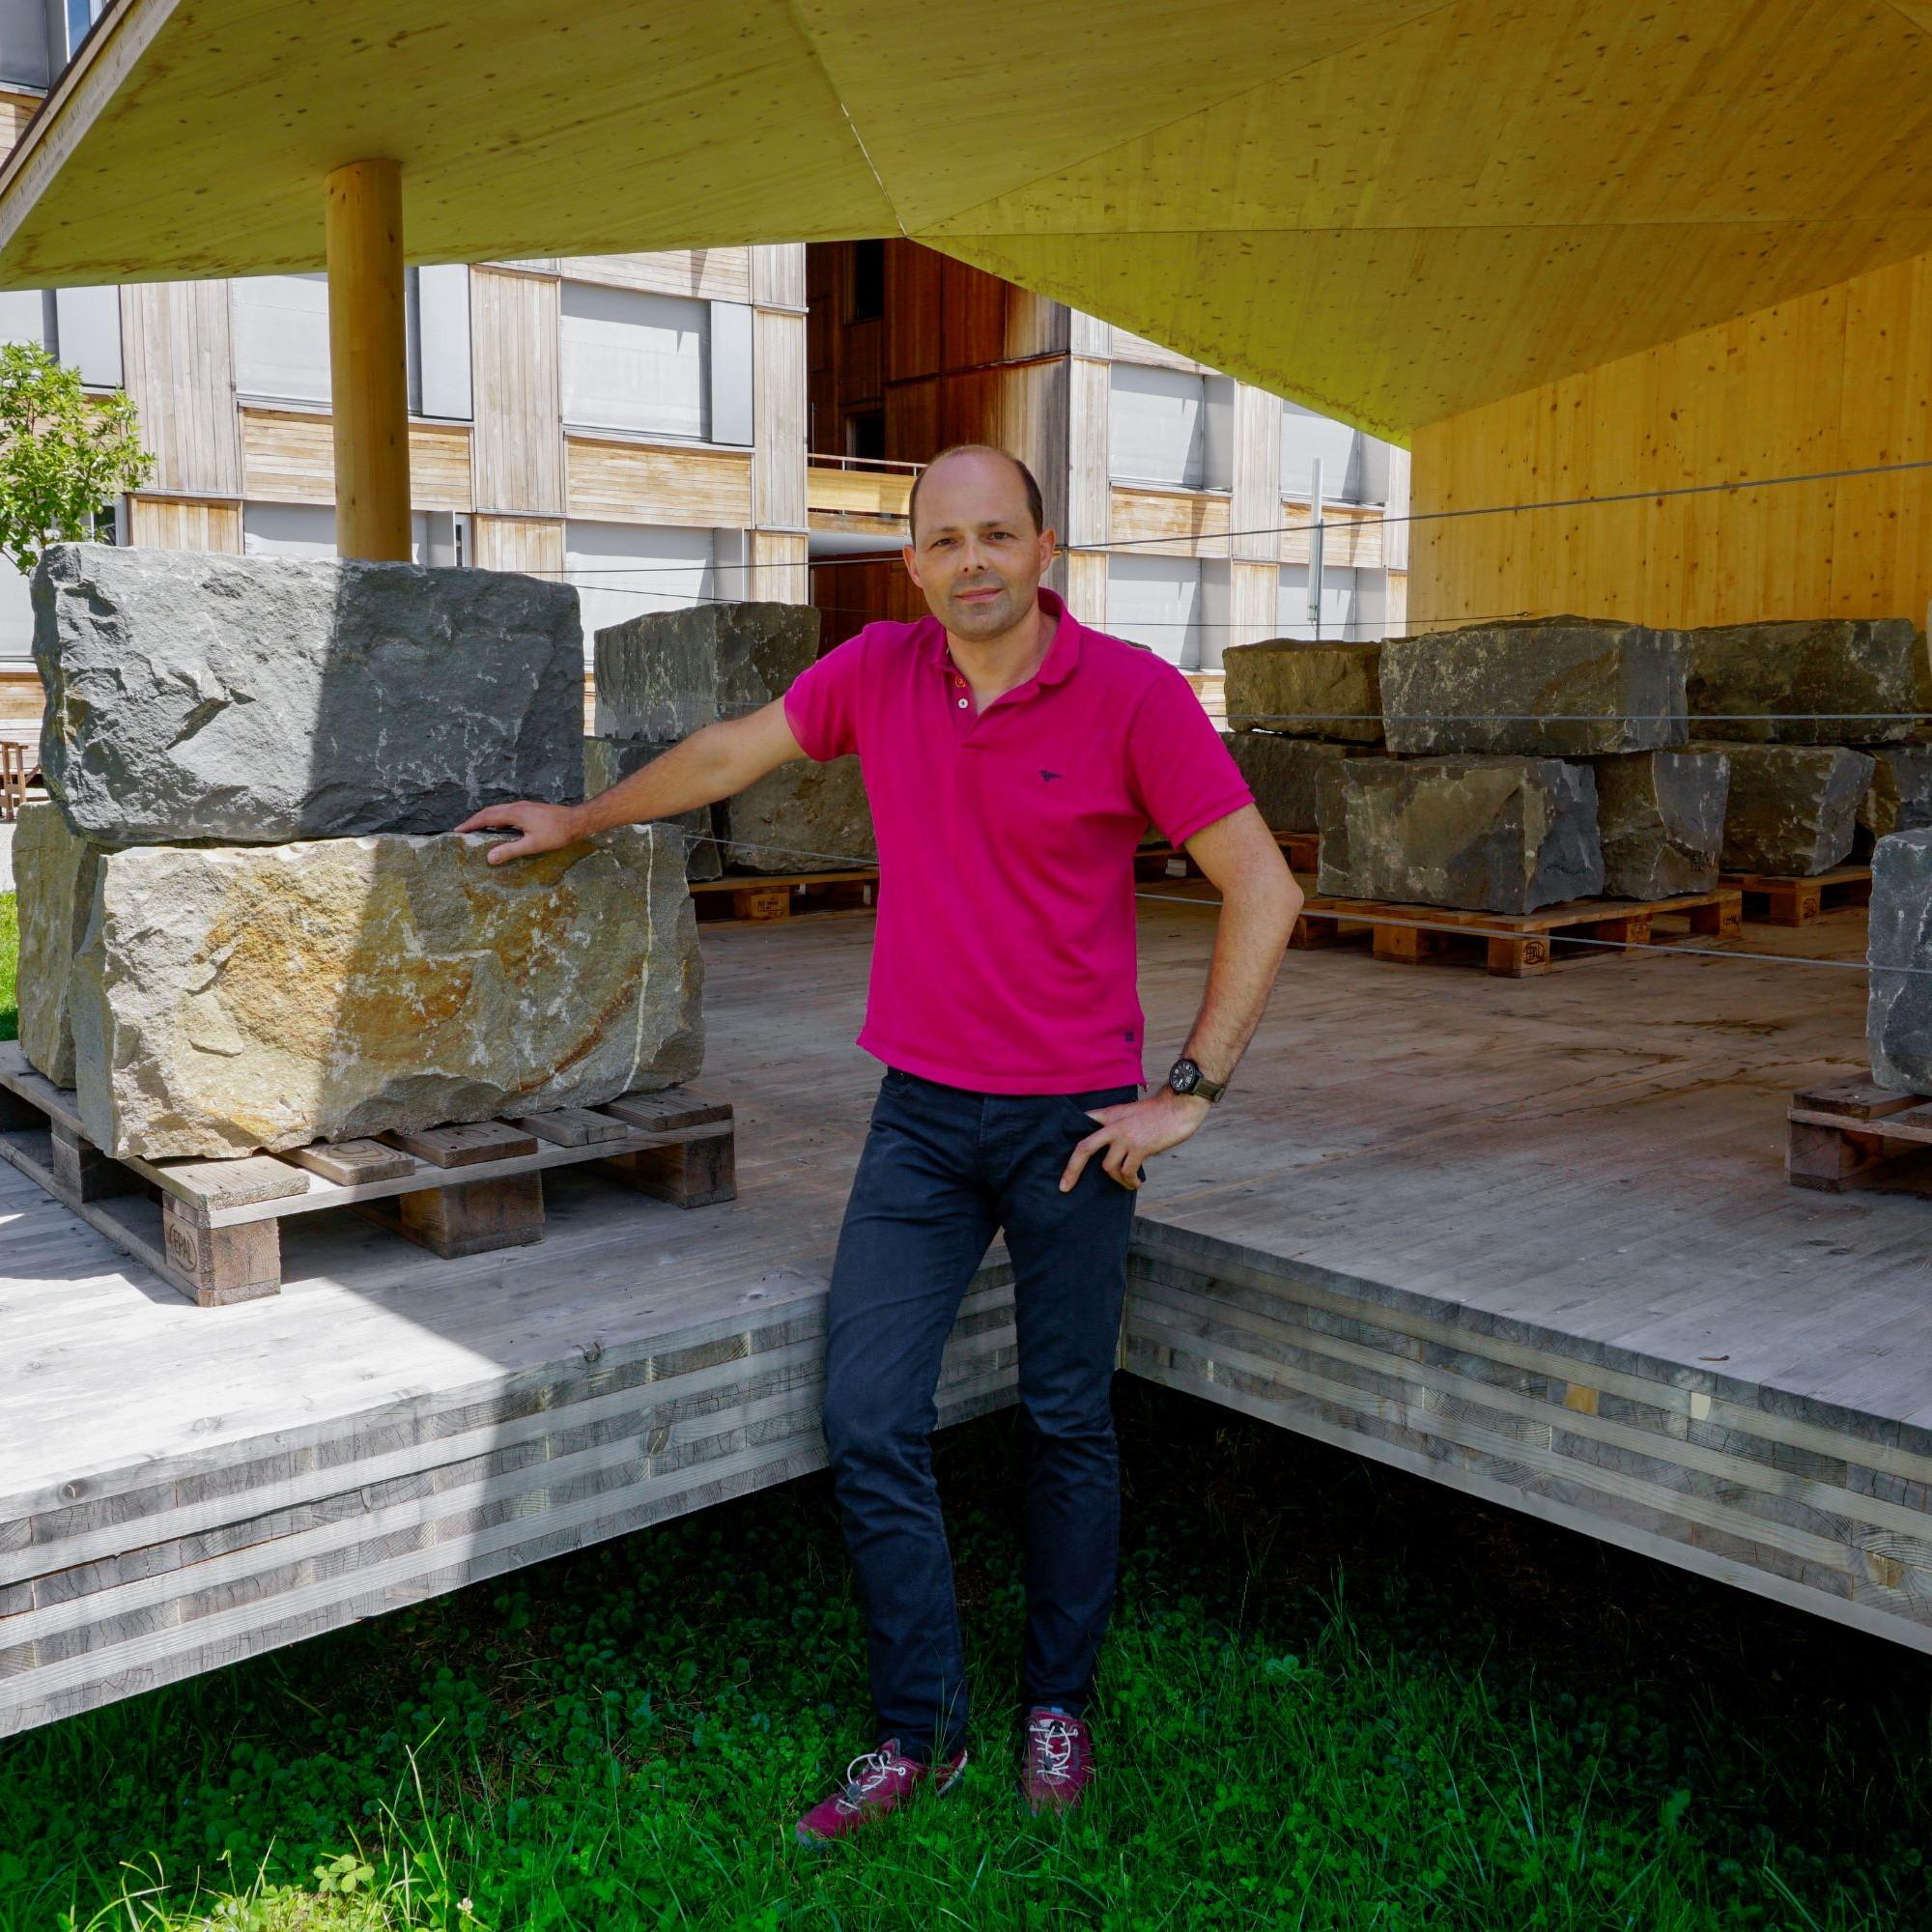 Steffen Franke beim TS3-Dauerprüfstand im Innenhof der Berner Fachhochschule in Biel.